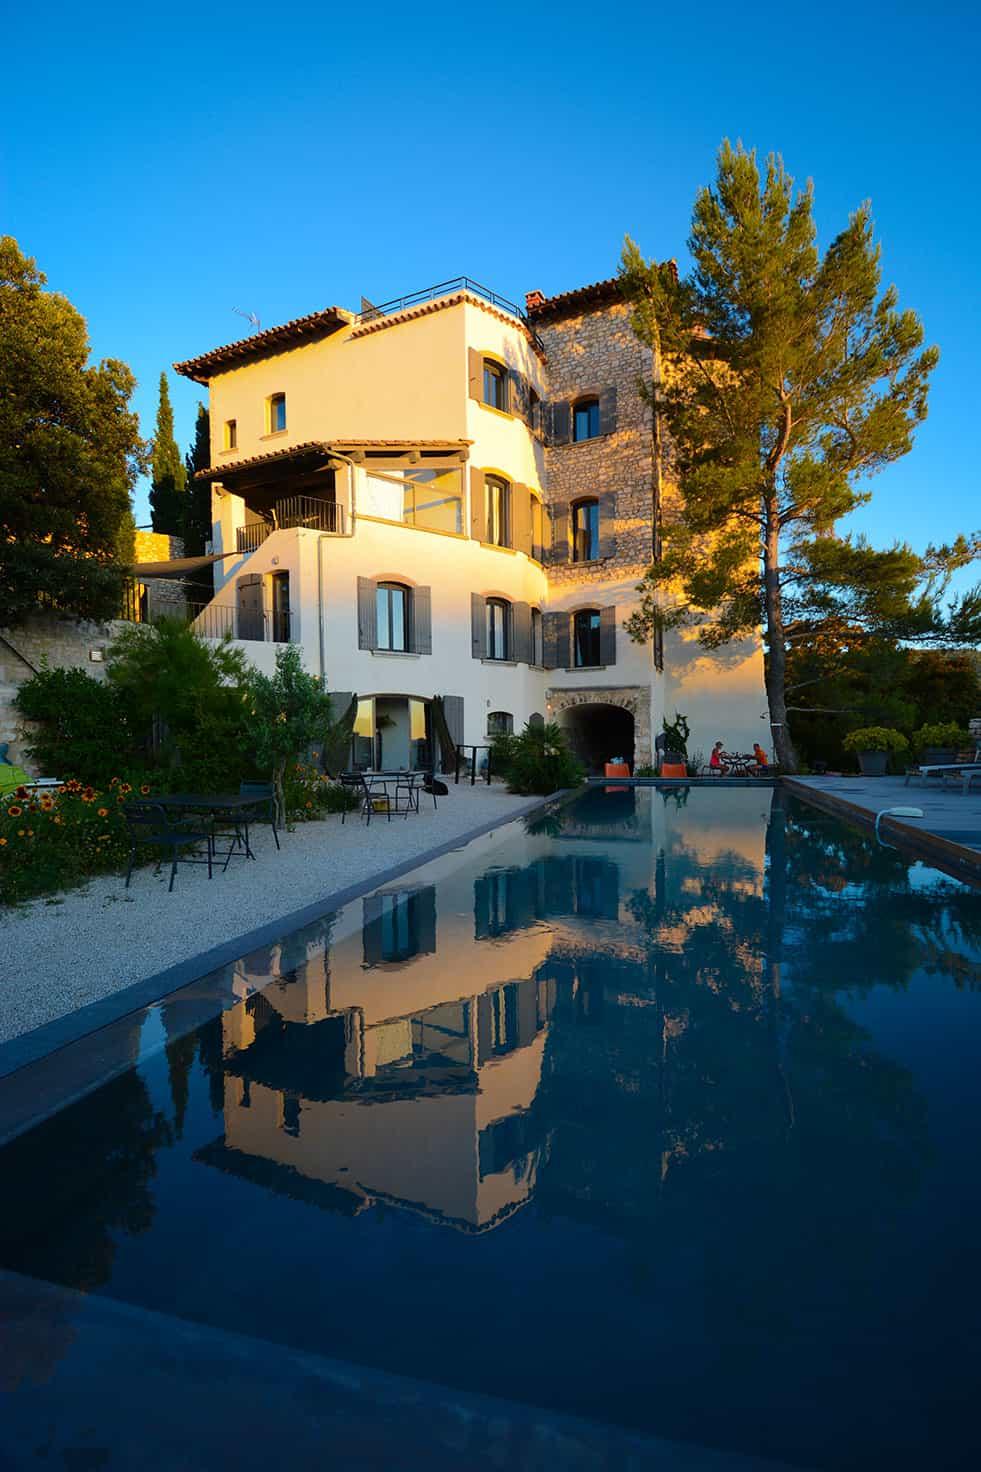 Maison d'hôtes avec piscine, Metafort en Luberon Provence